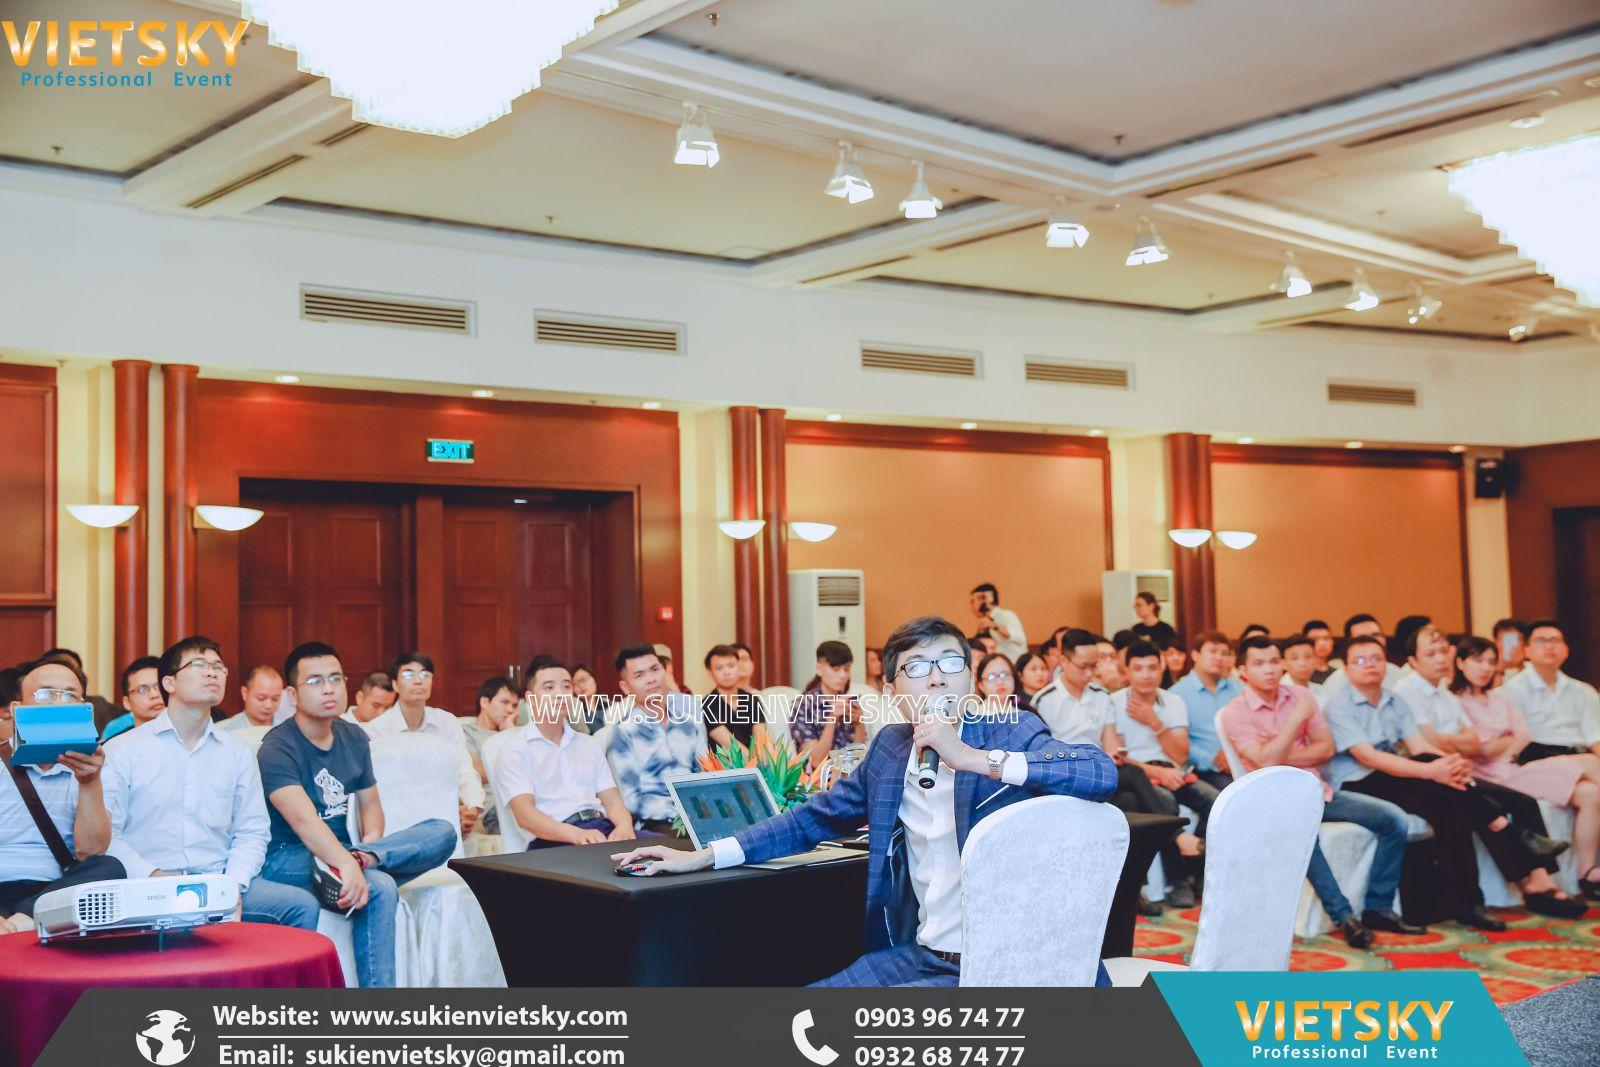 sự kiện hội thảo chuyên nghiệp tại hcm